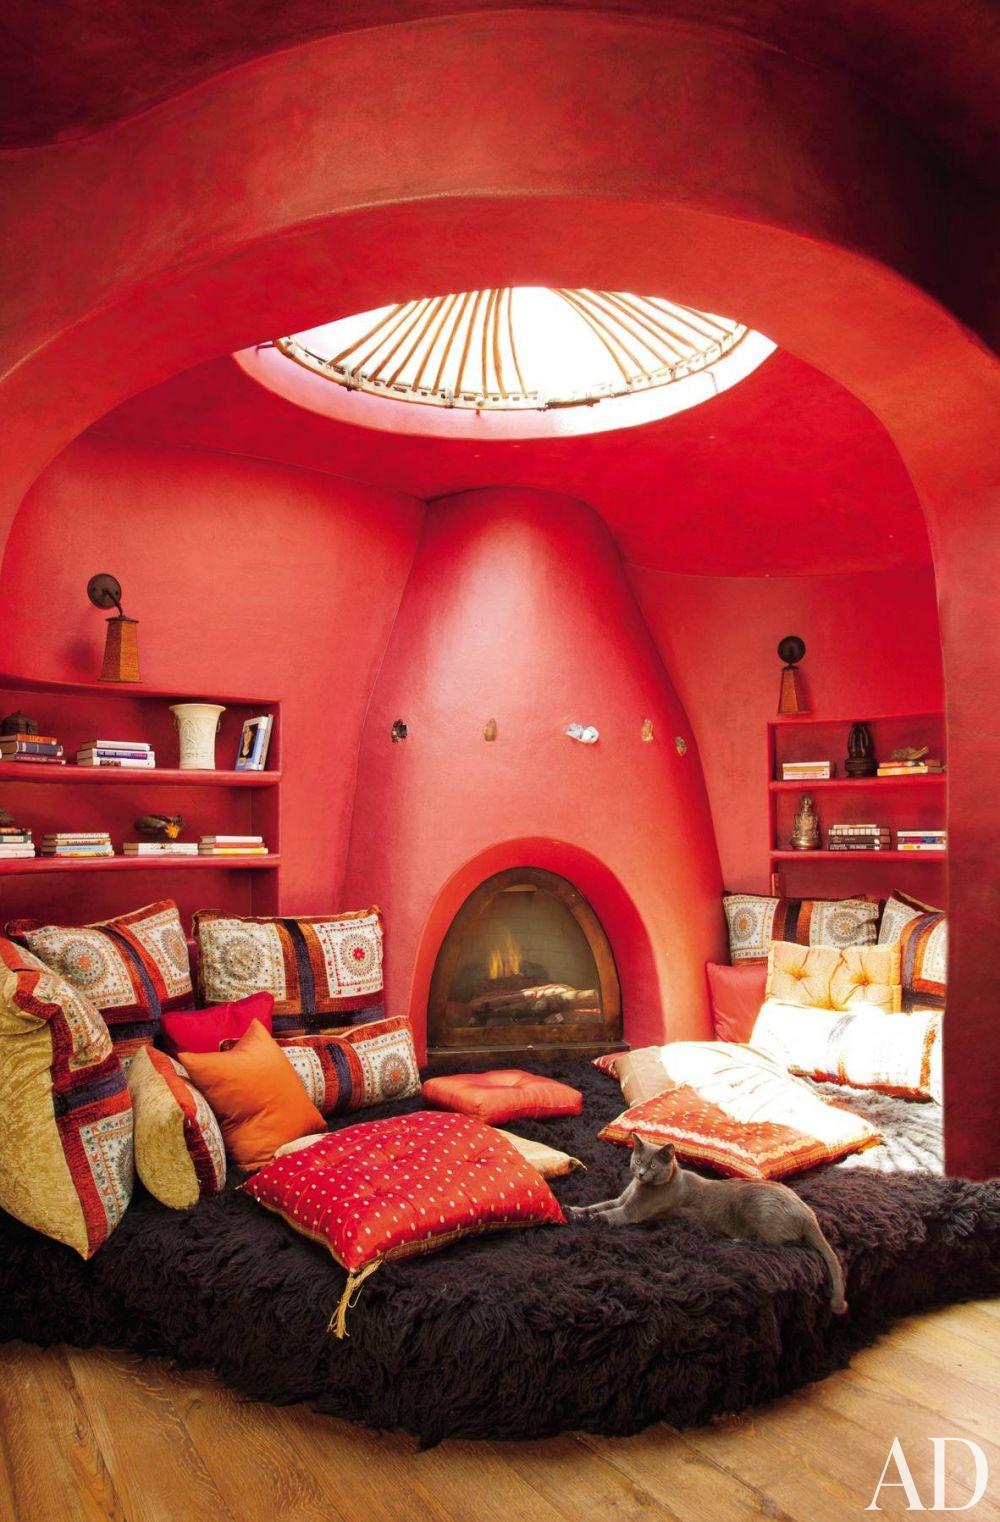 exotic-media-game-room-judith-lance-calabasas-california-201109-2_1000-watermarked